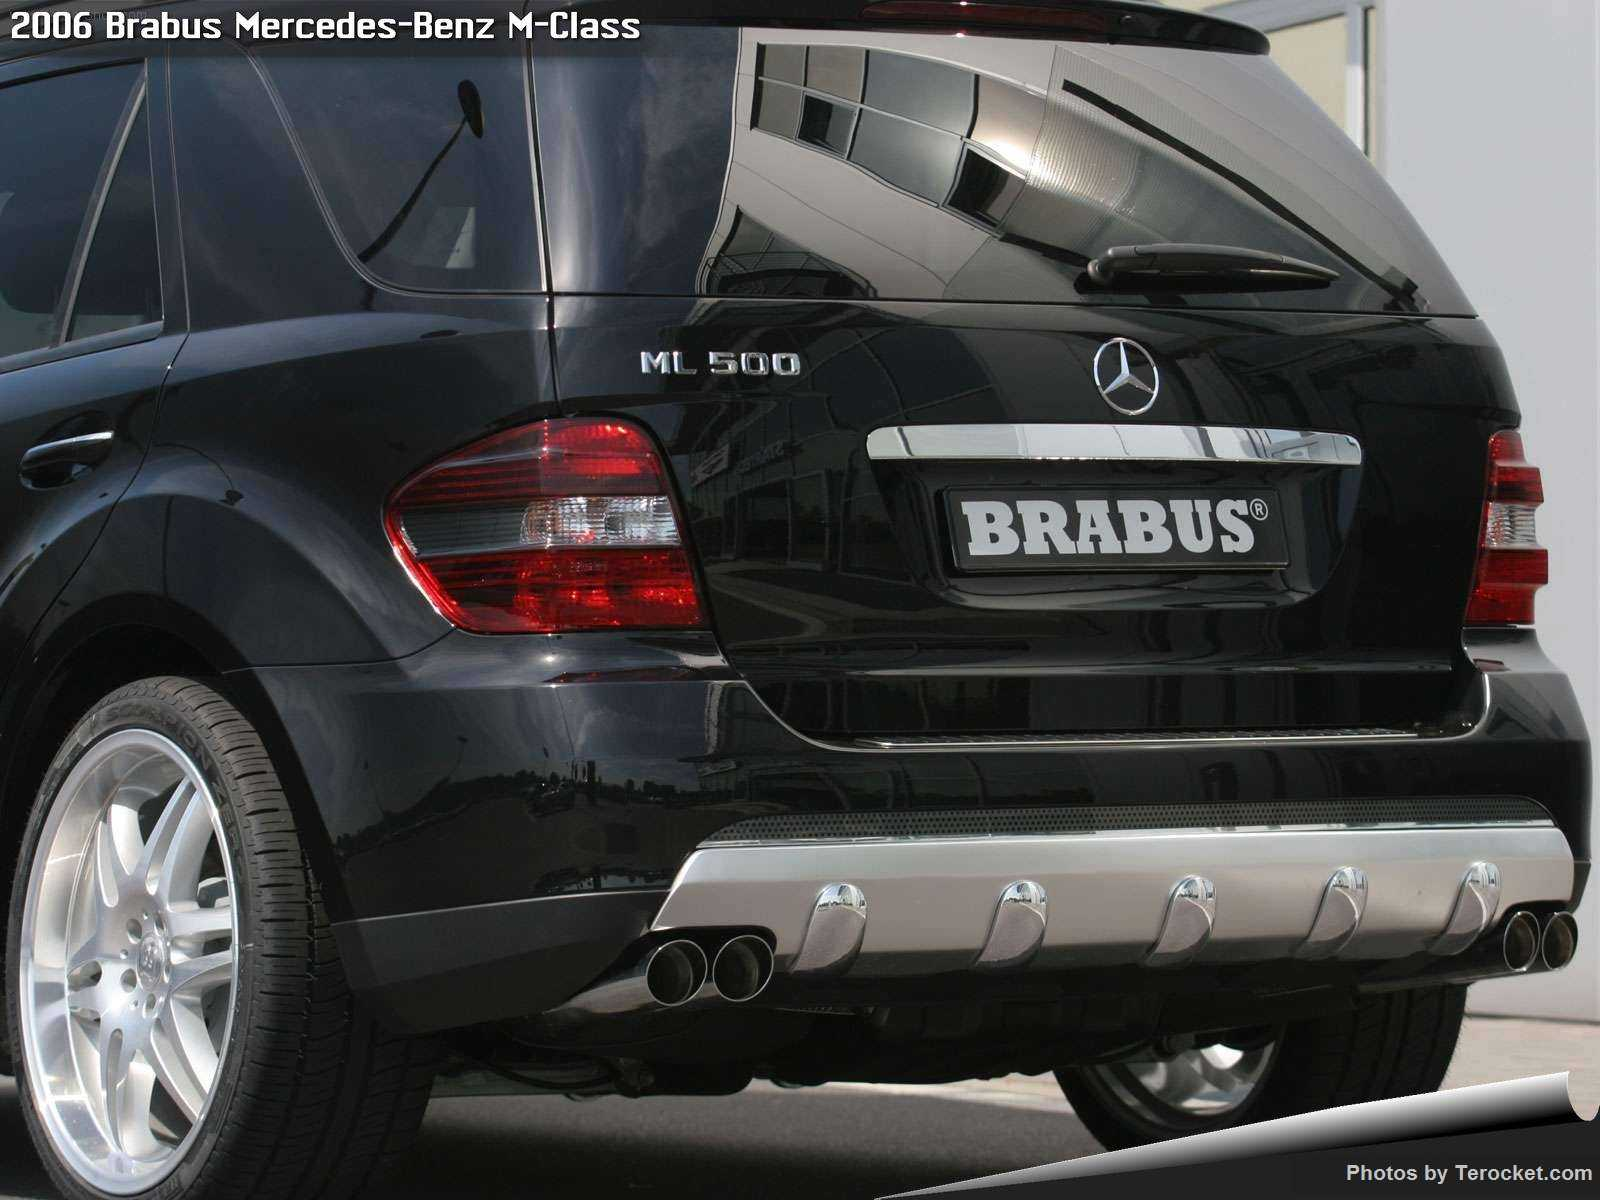 Hình ảnh xe ô tô Brabus Mercedes-Benz M-Class 2006 & nội ngoại thất